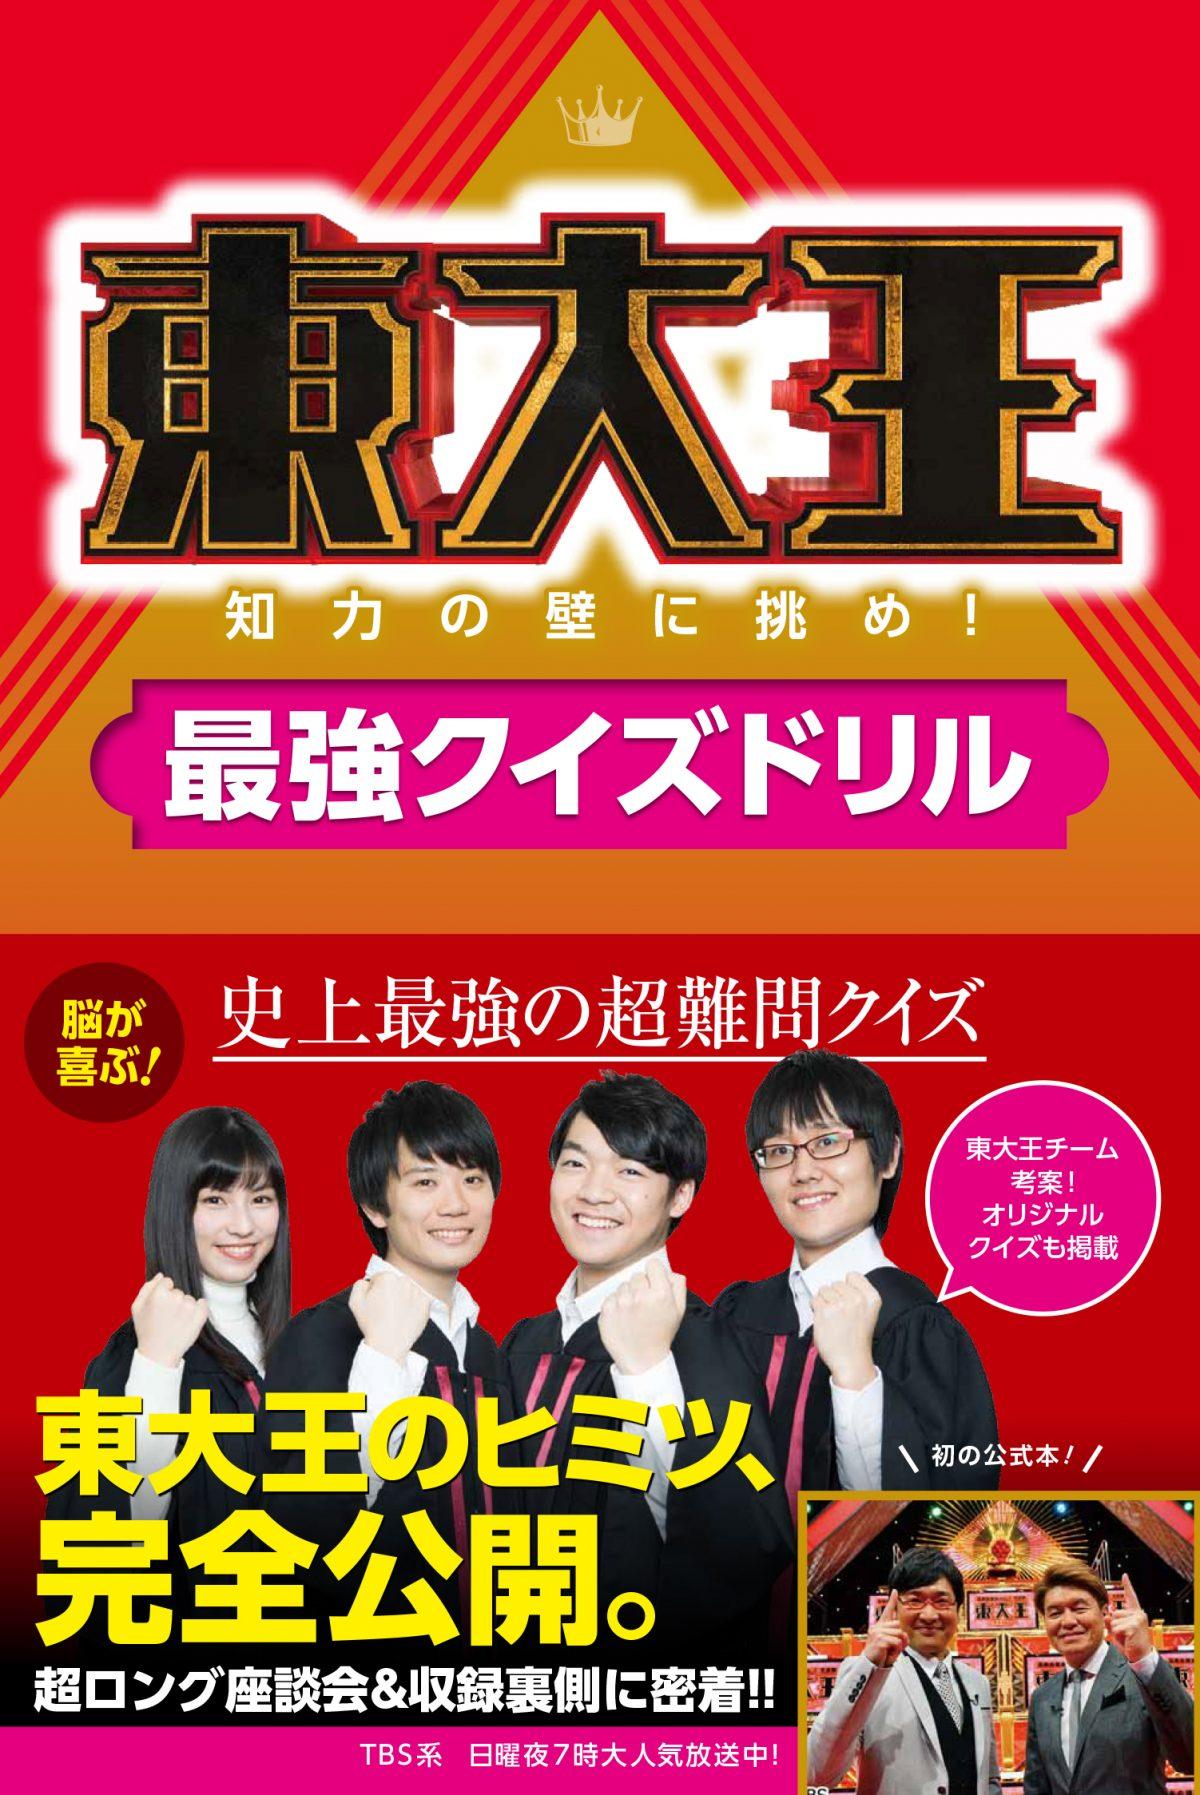 KADOKAWAより『東大王』公式本『東大王 知力の壁に挑め!最強クイズドリル』が2月27日発売!